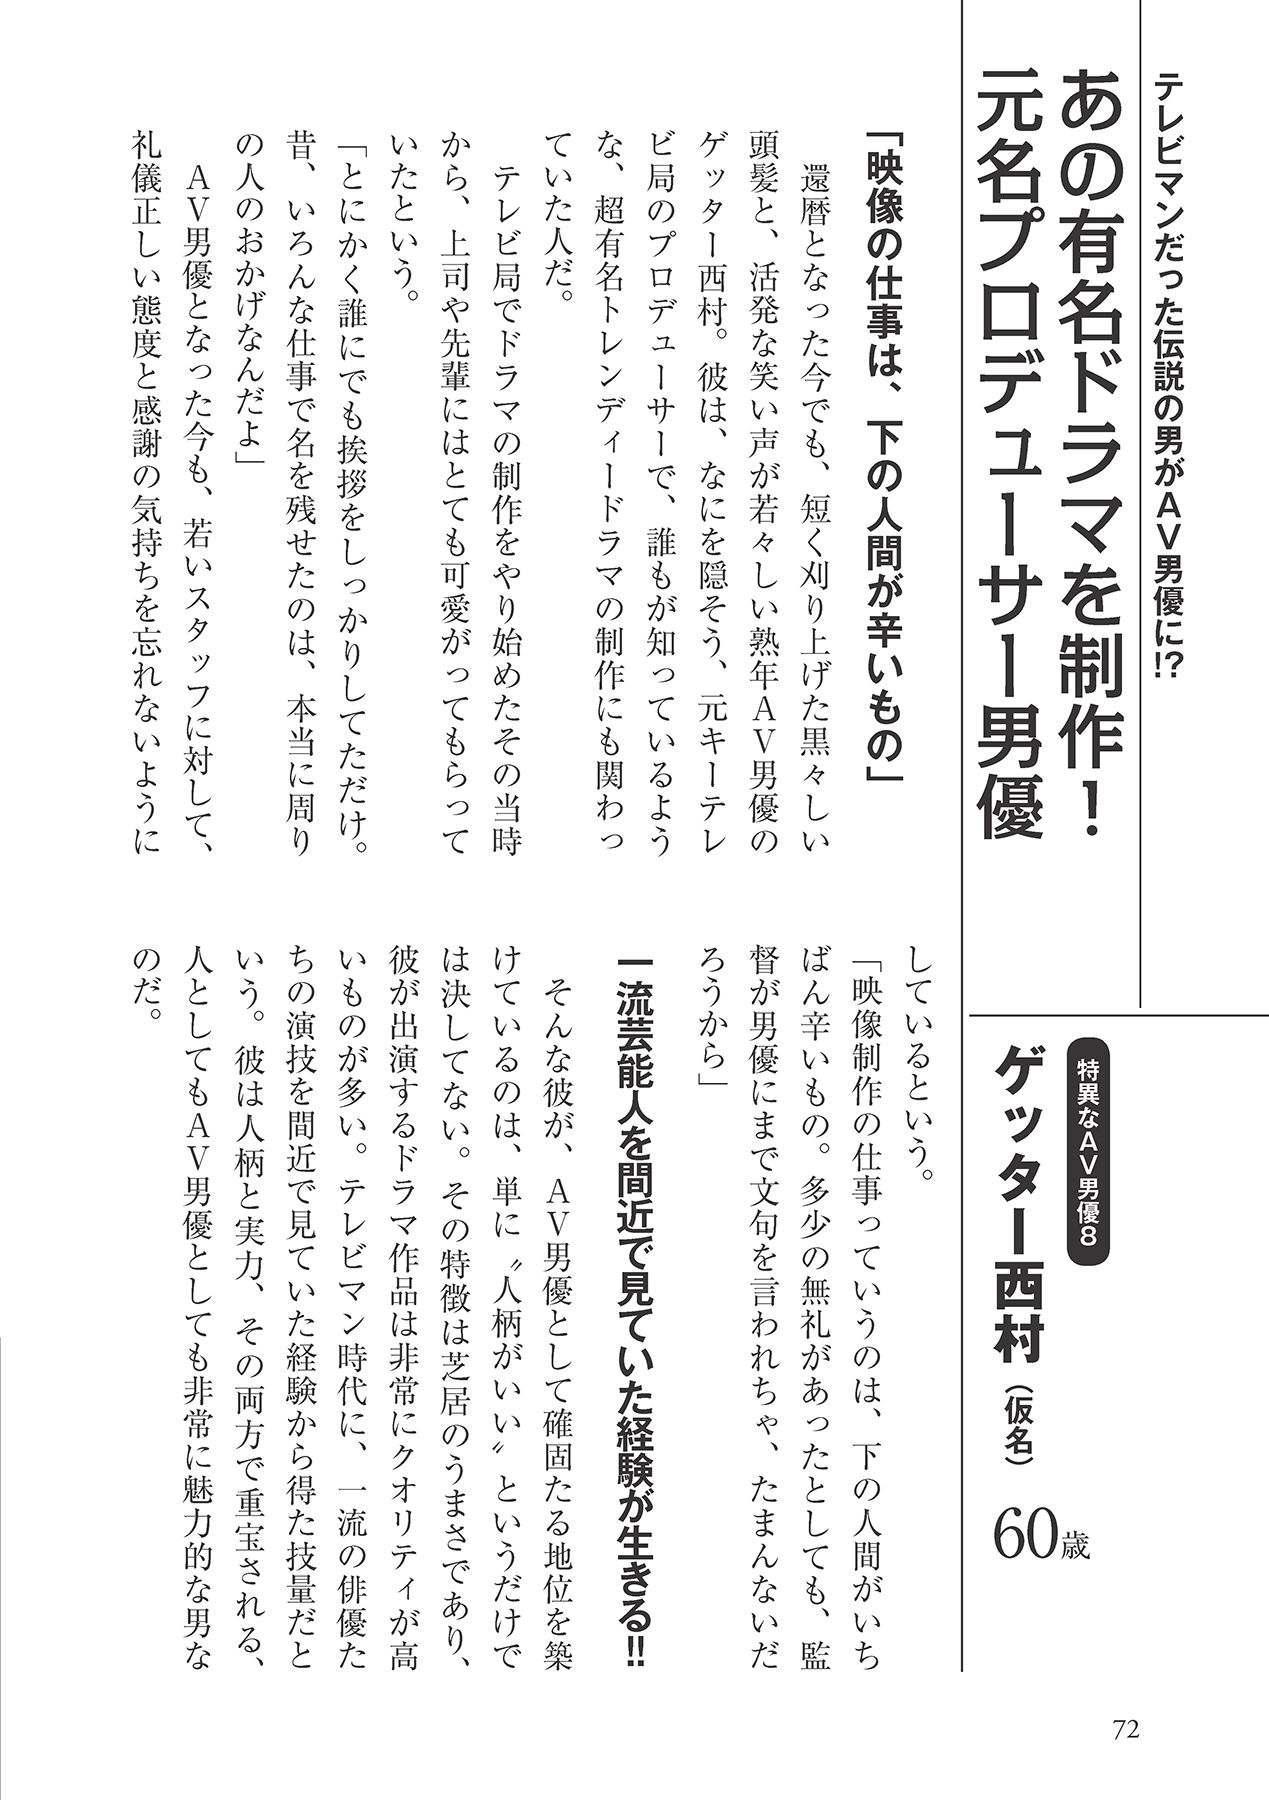 AV男優になろう! イラスト版 ヤリすぎッ! 71